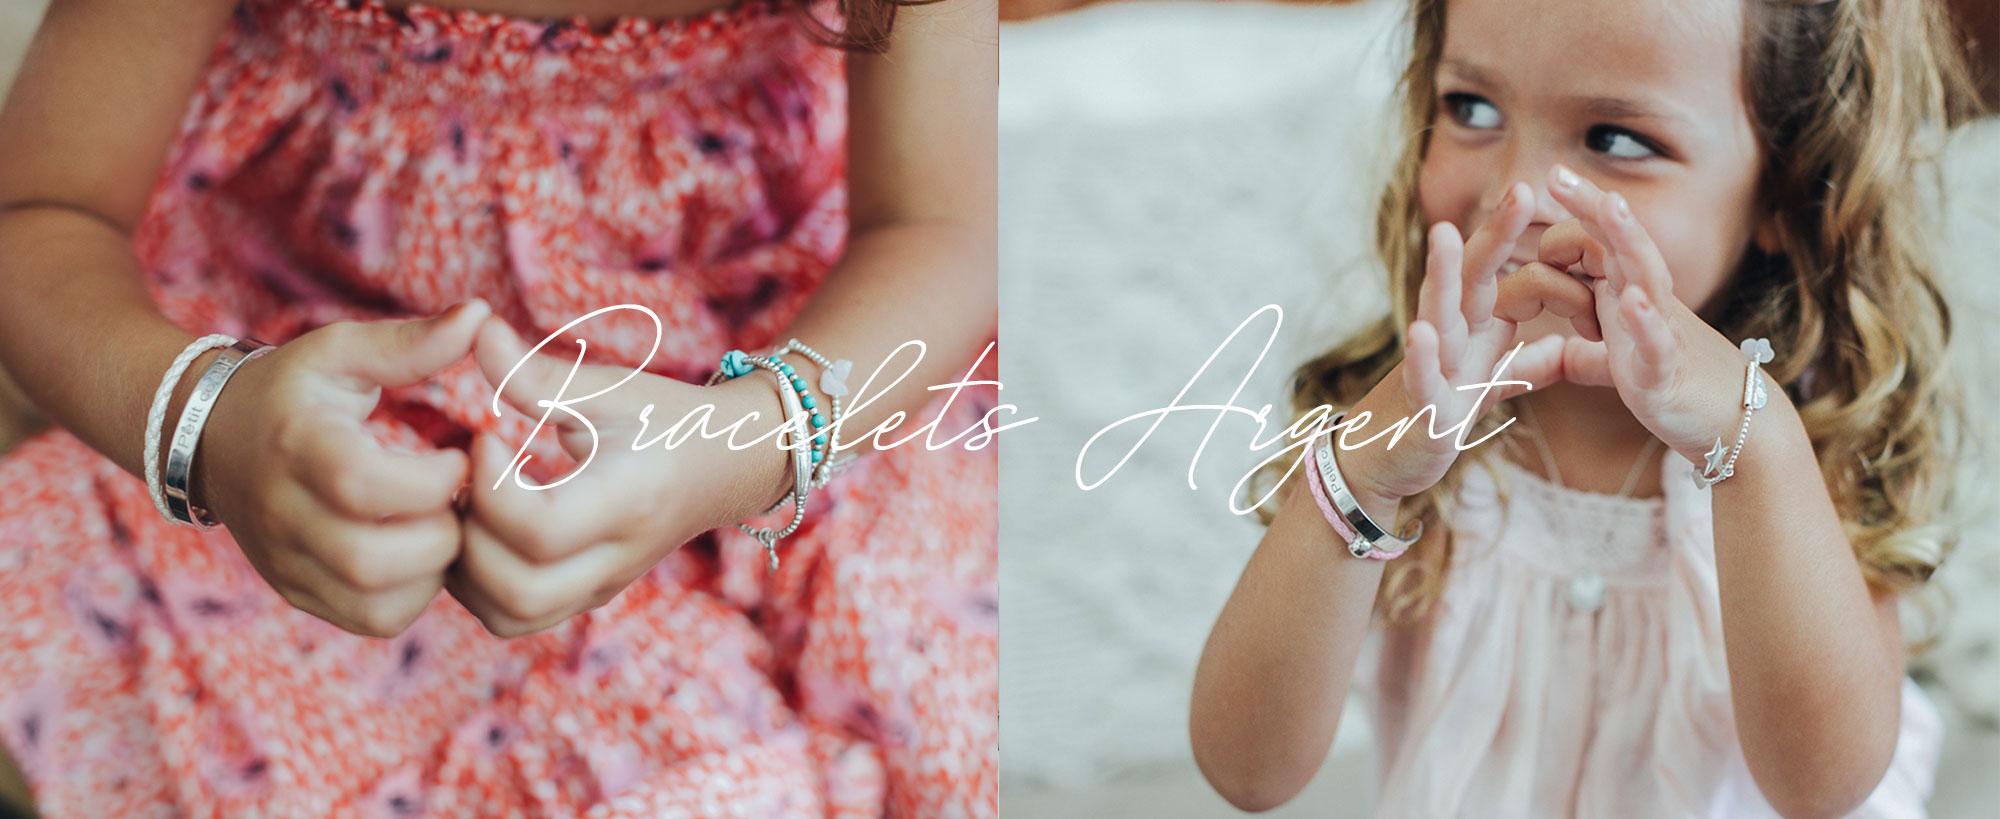 bracelets-argent-enfant-slid